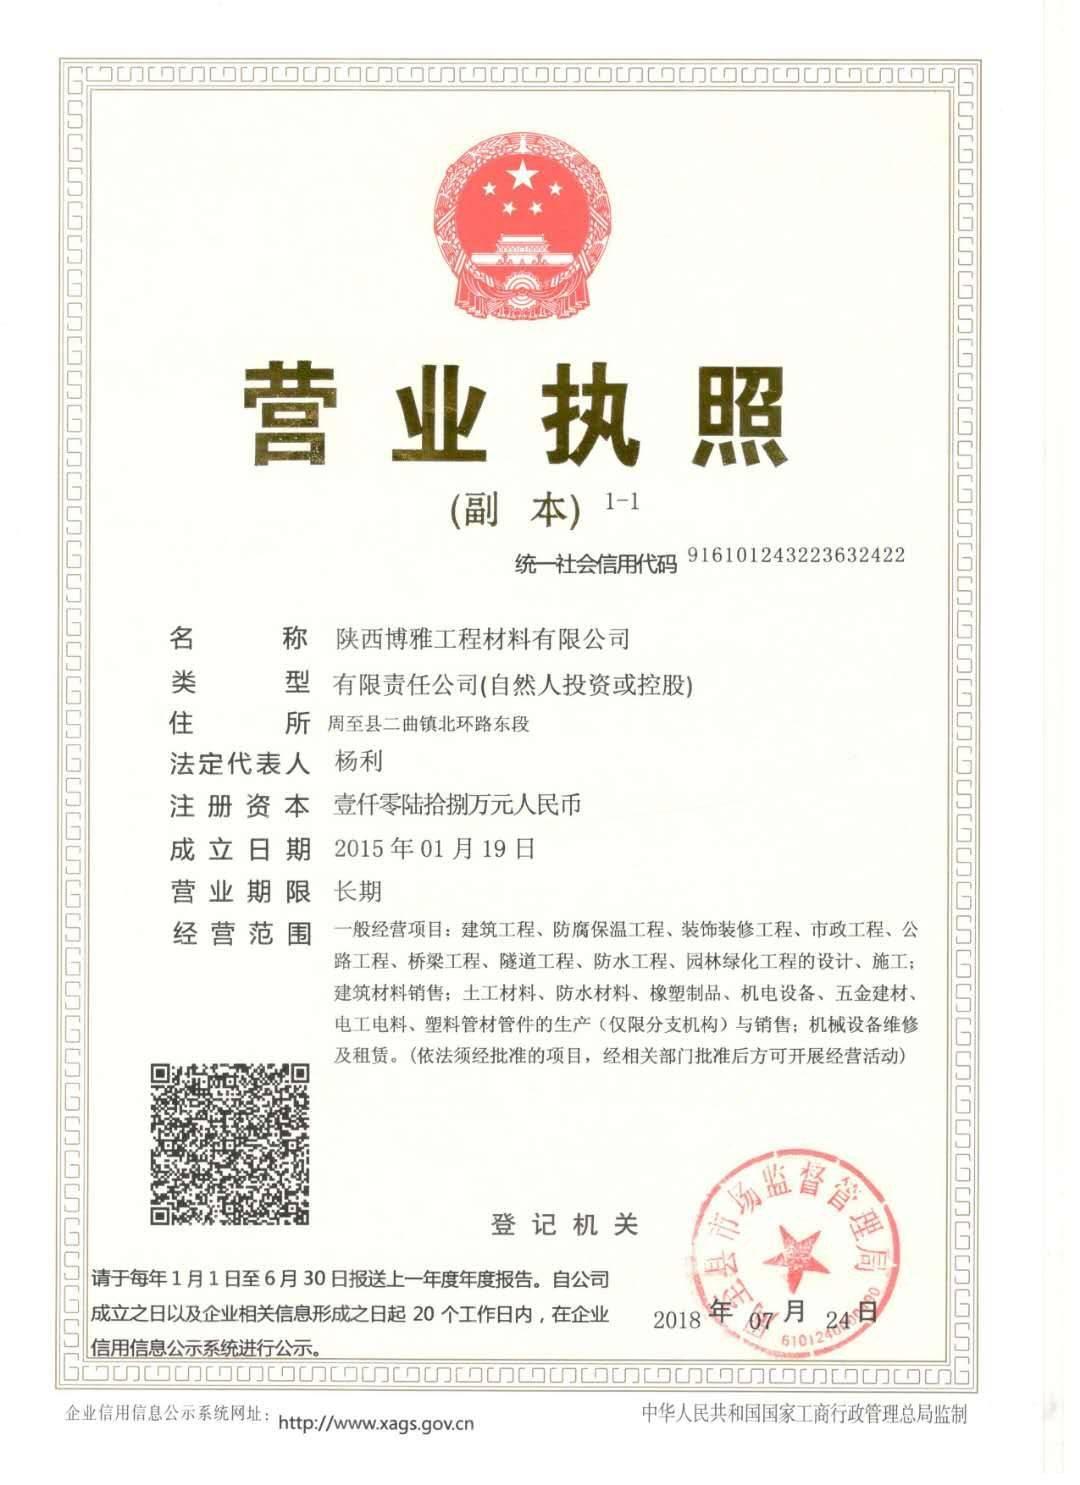 陕西博雅工程营业执照